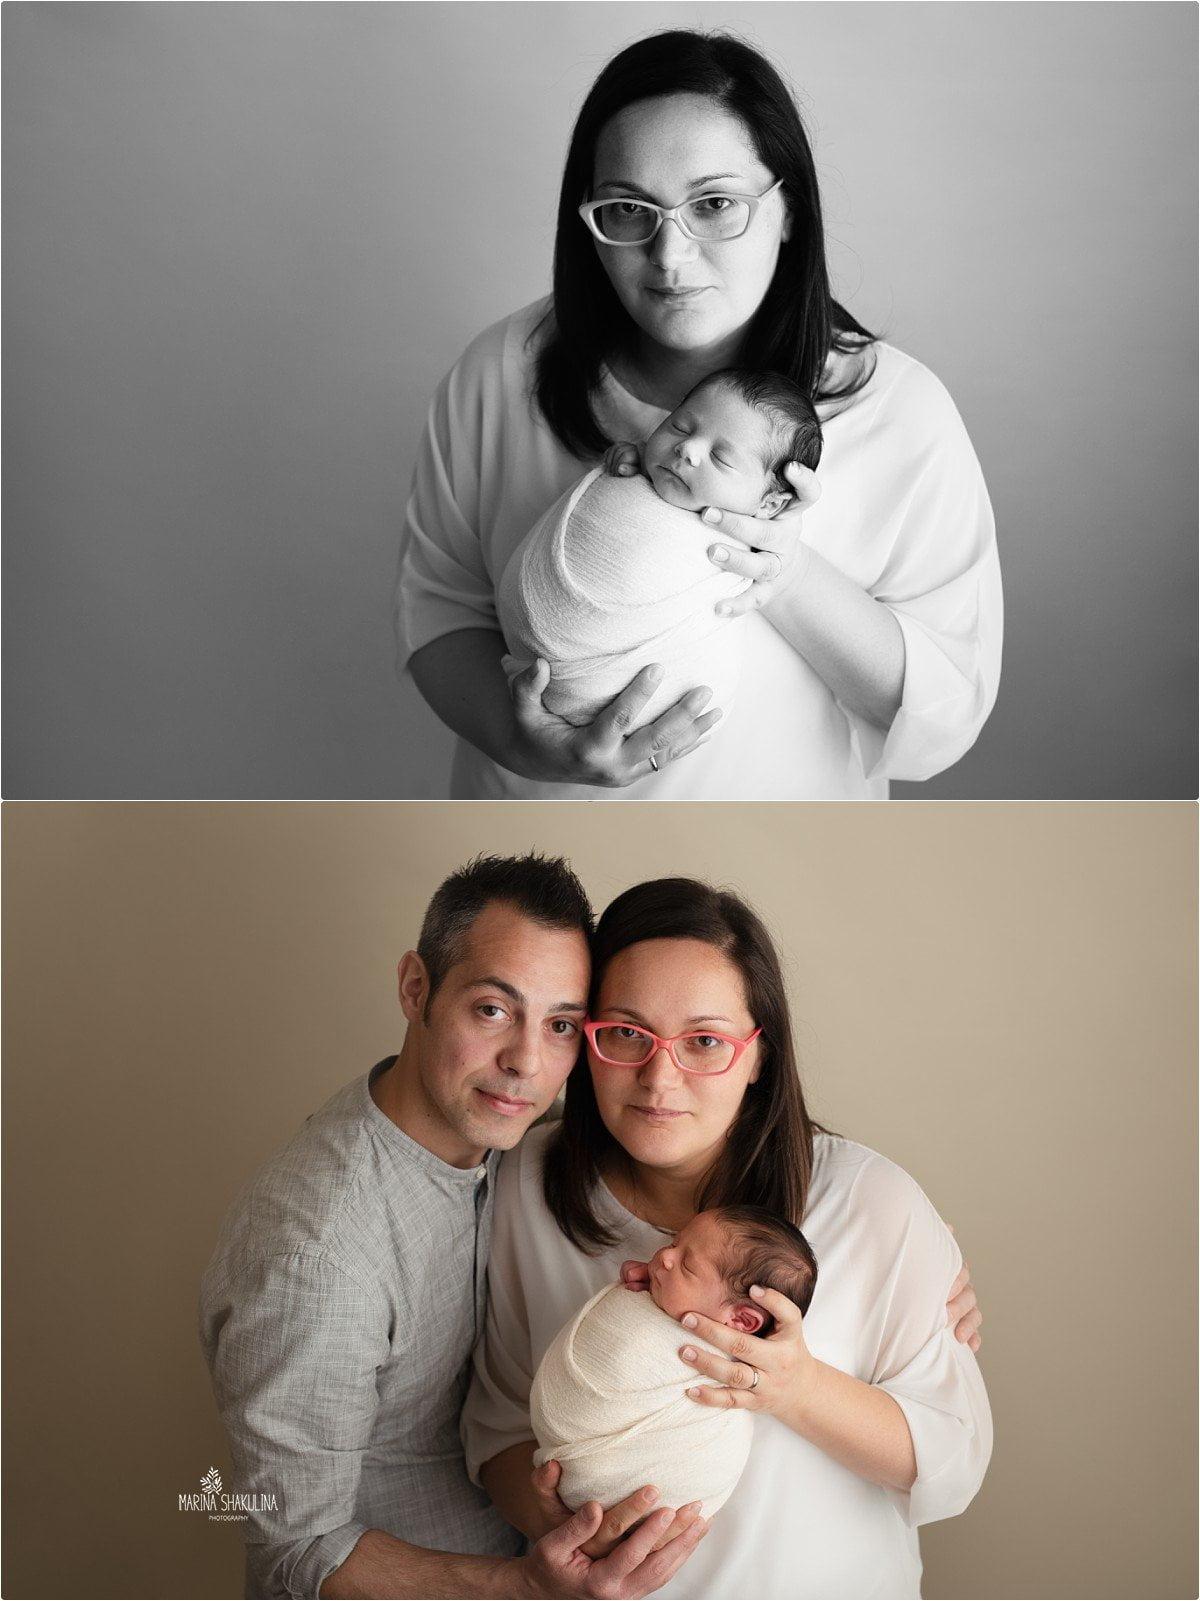 foto neonato a Verona mamma e papà